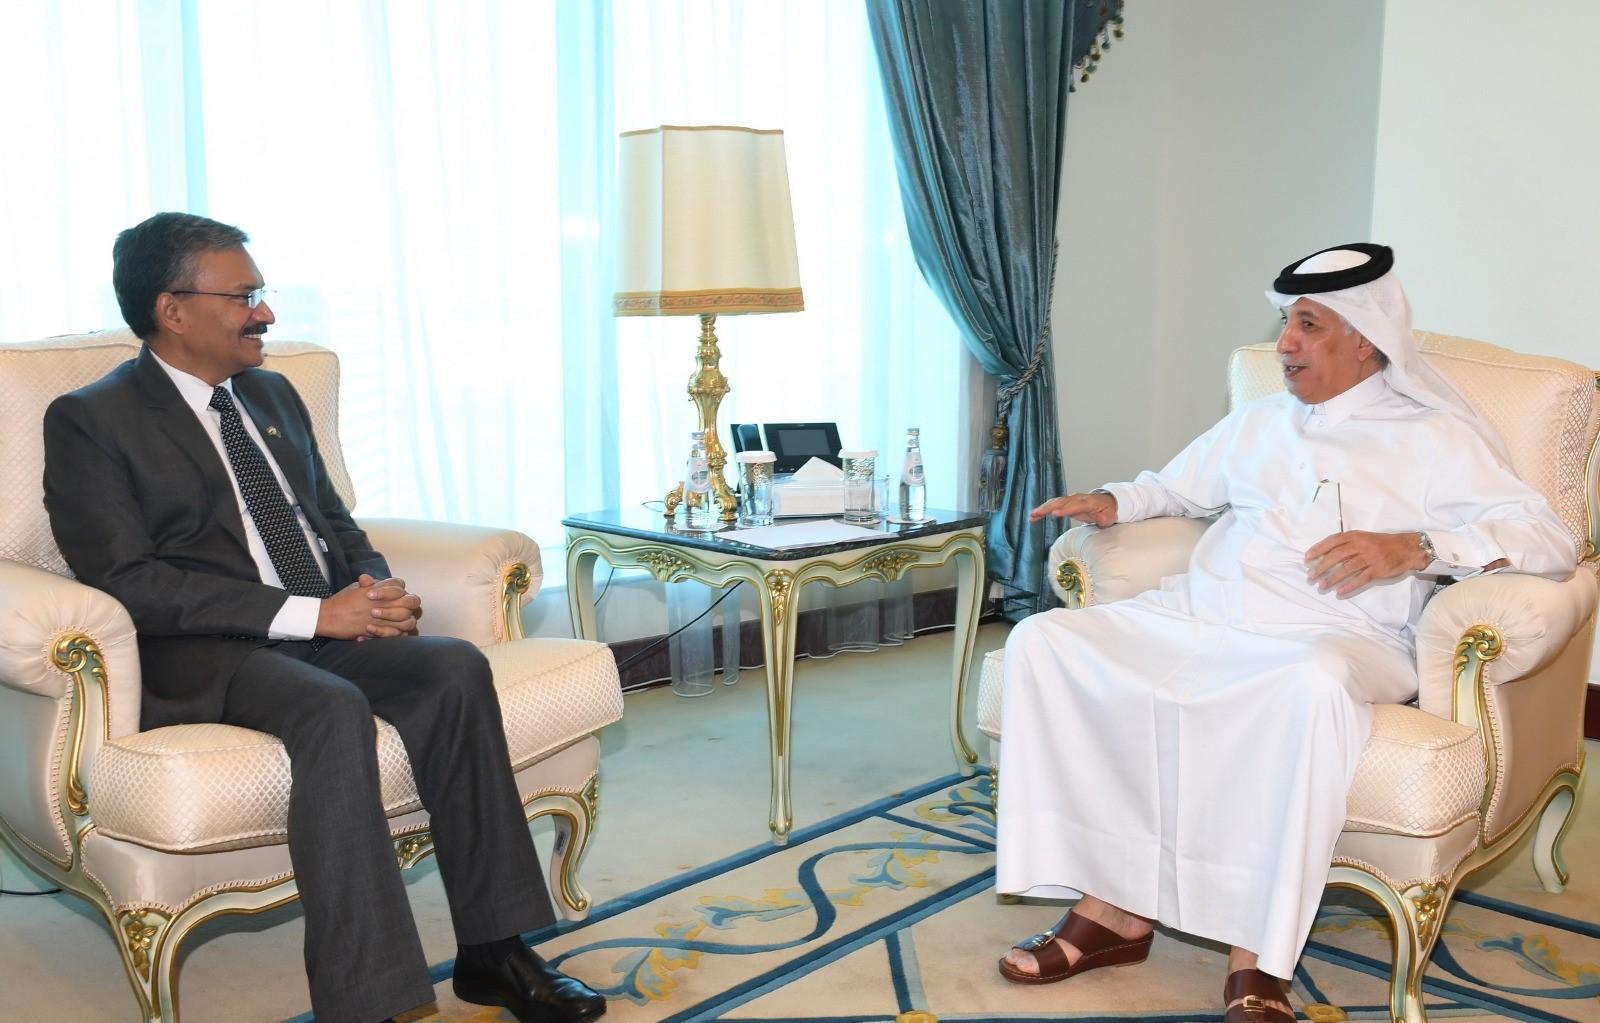 وزير الدولة للشؤون الخارجية يجتمع مع سفير الهند